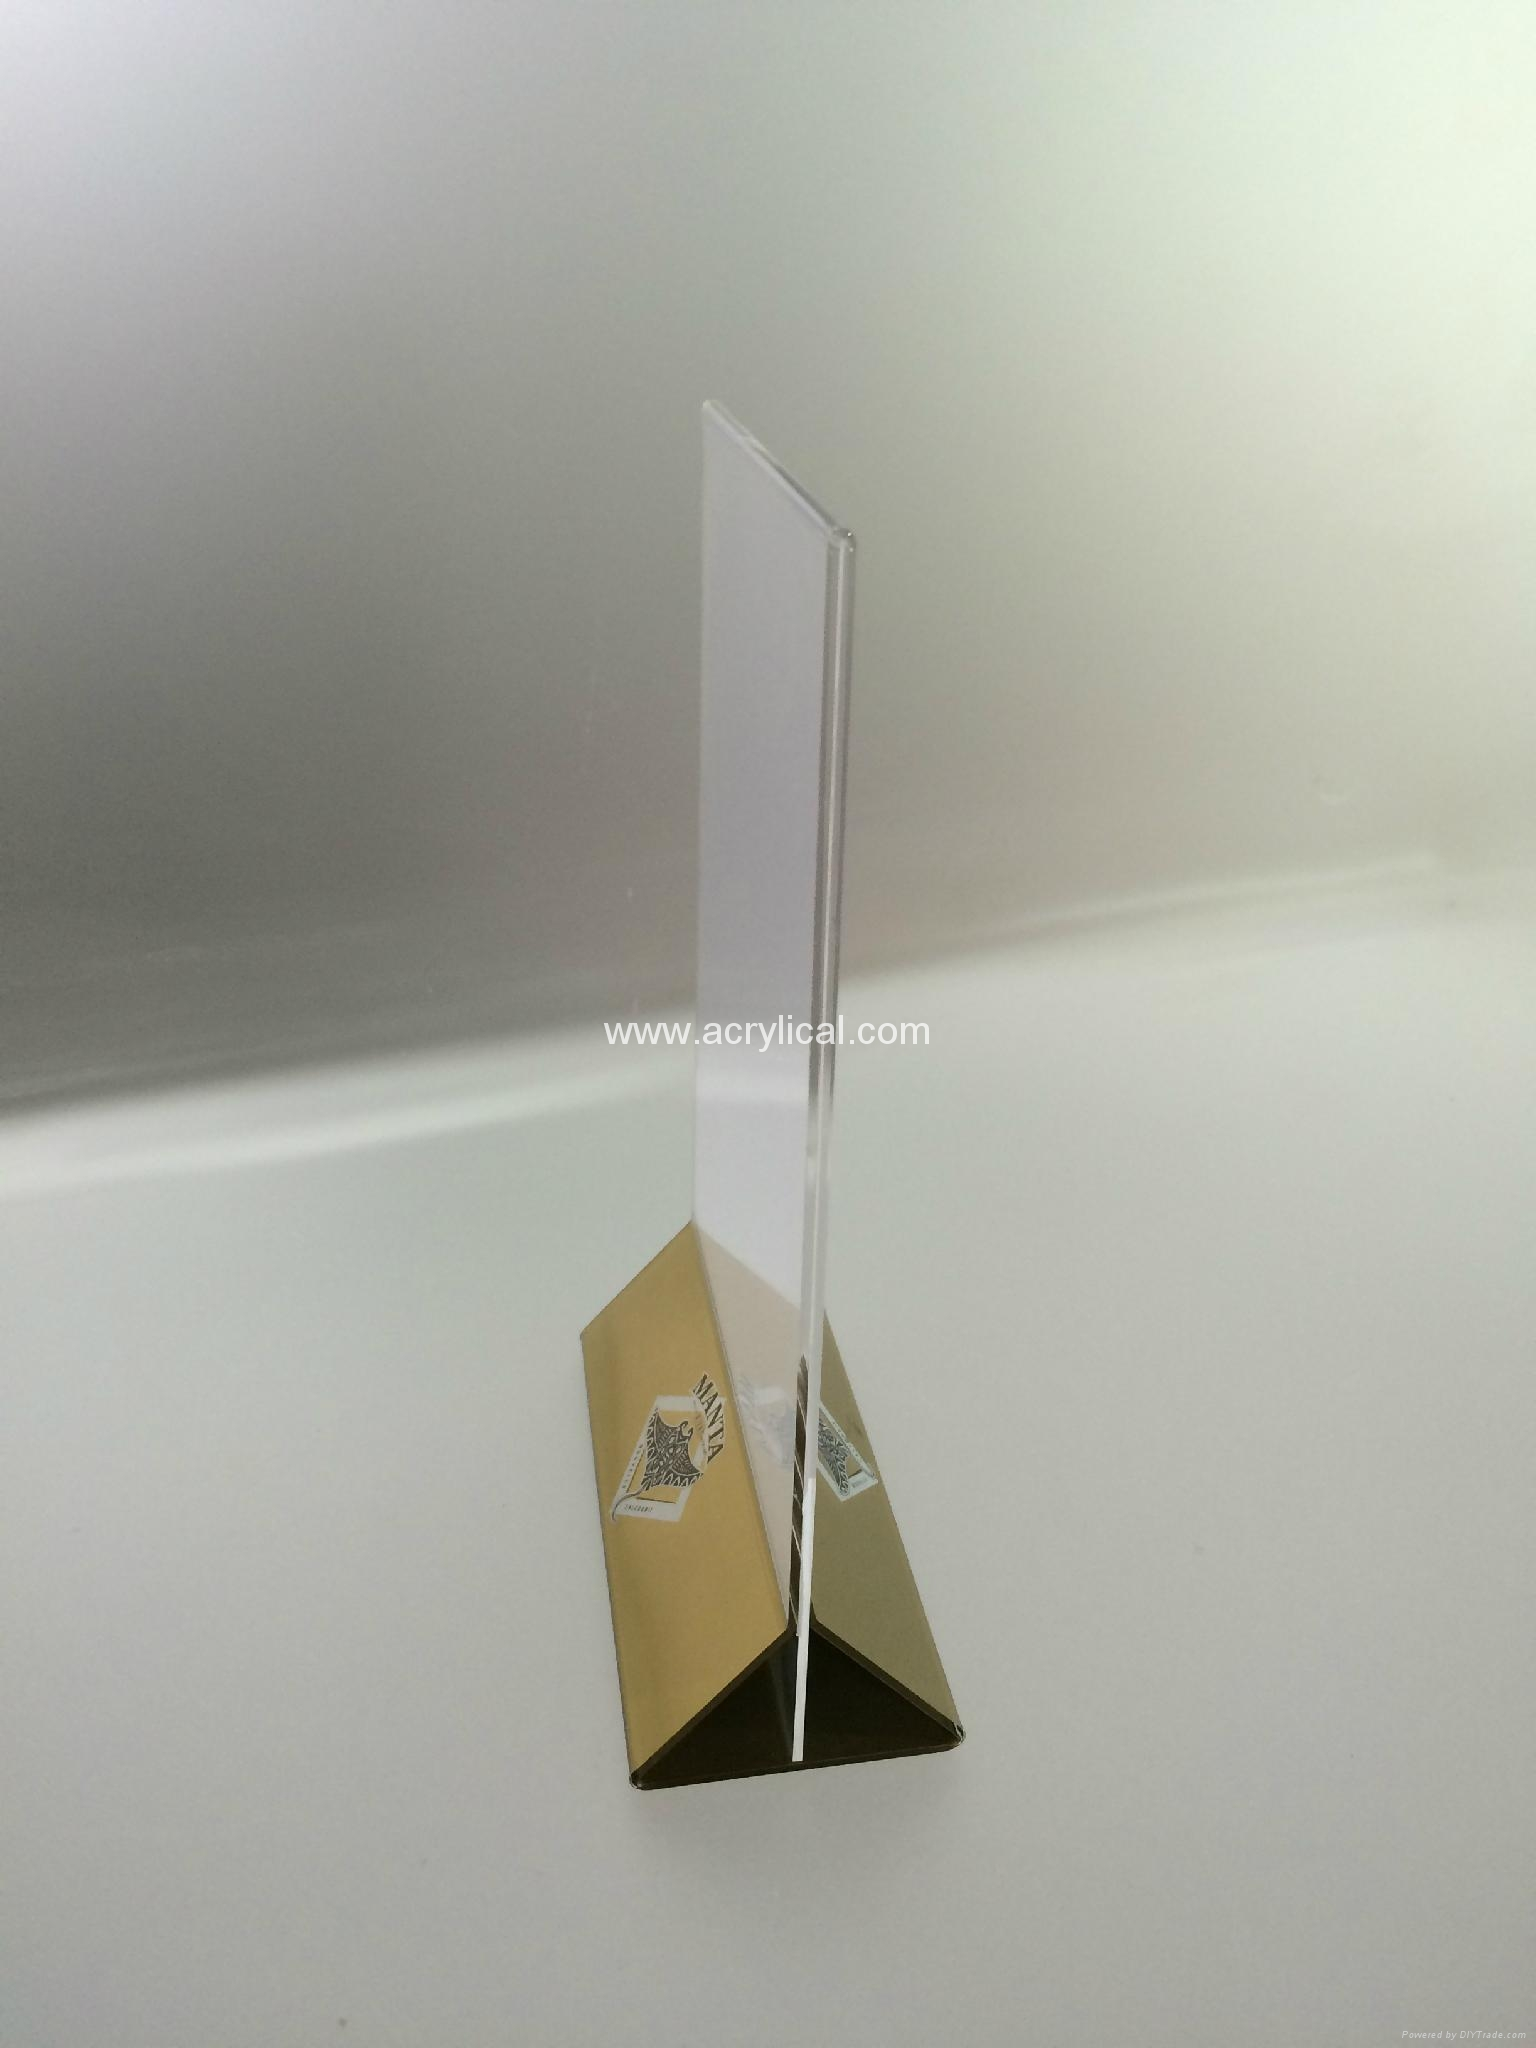 餐牌座(acrylic menu holder),壓克力餐牌